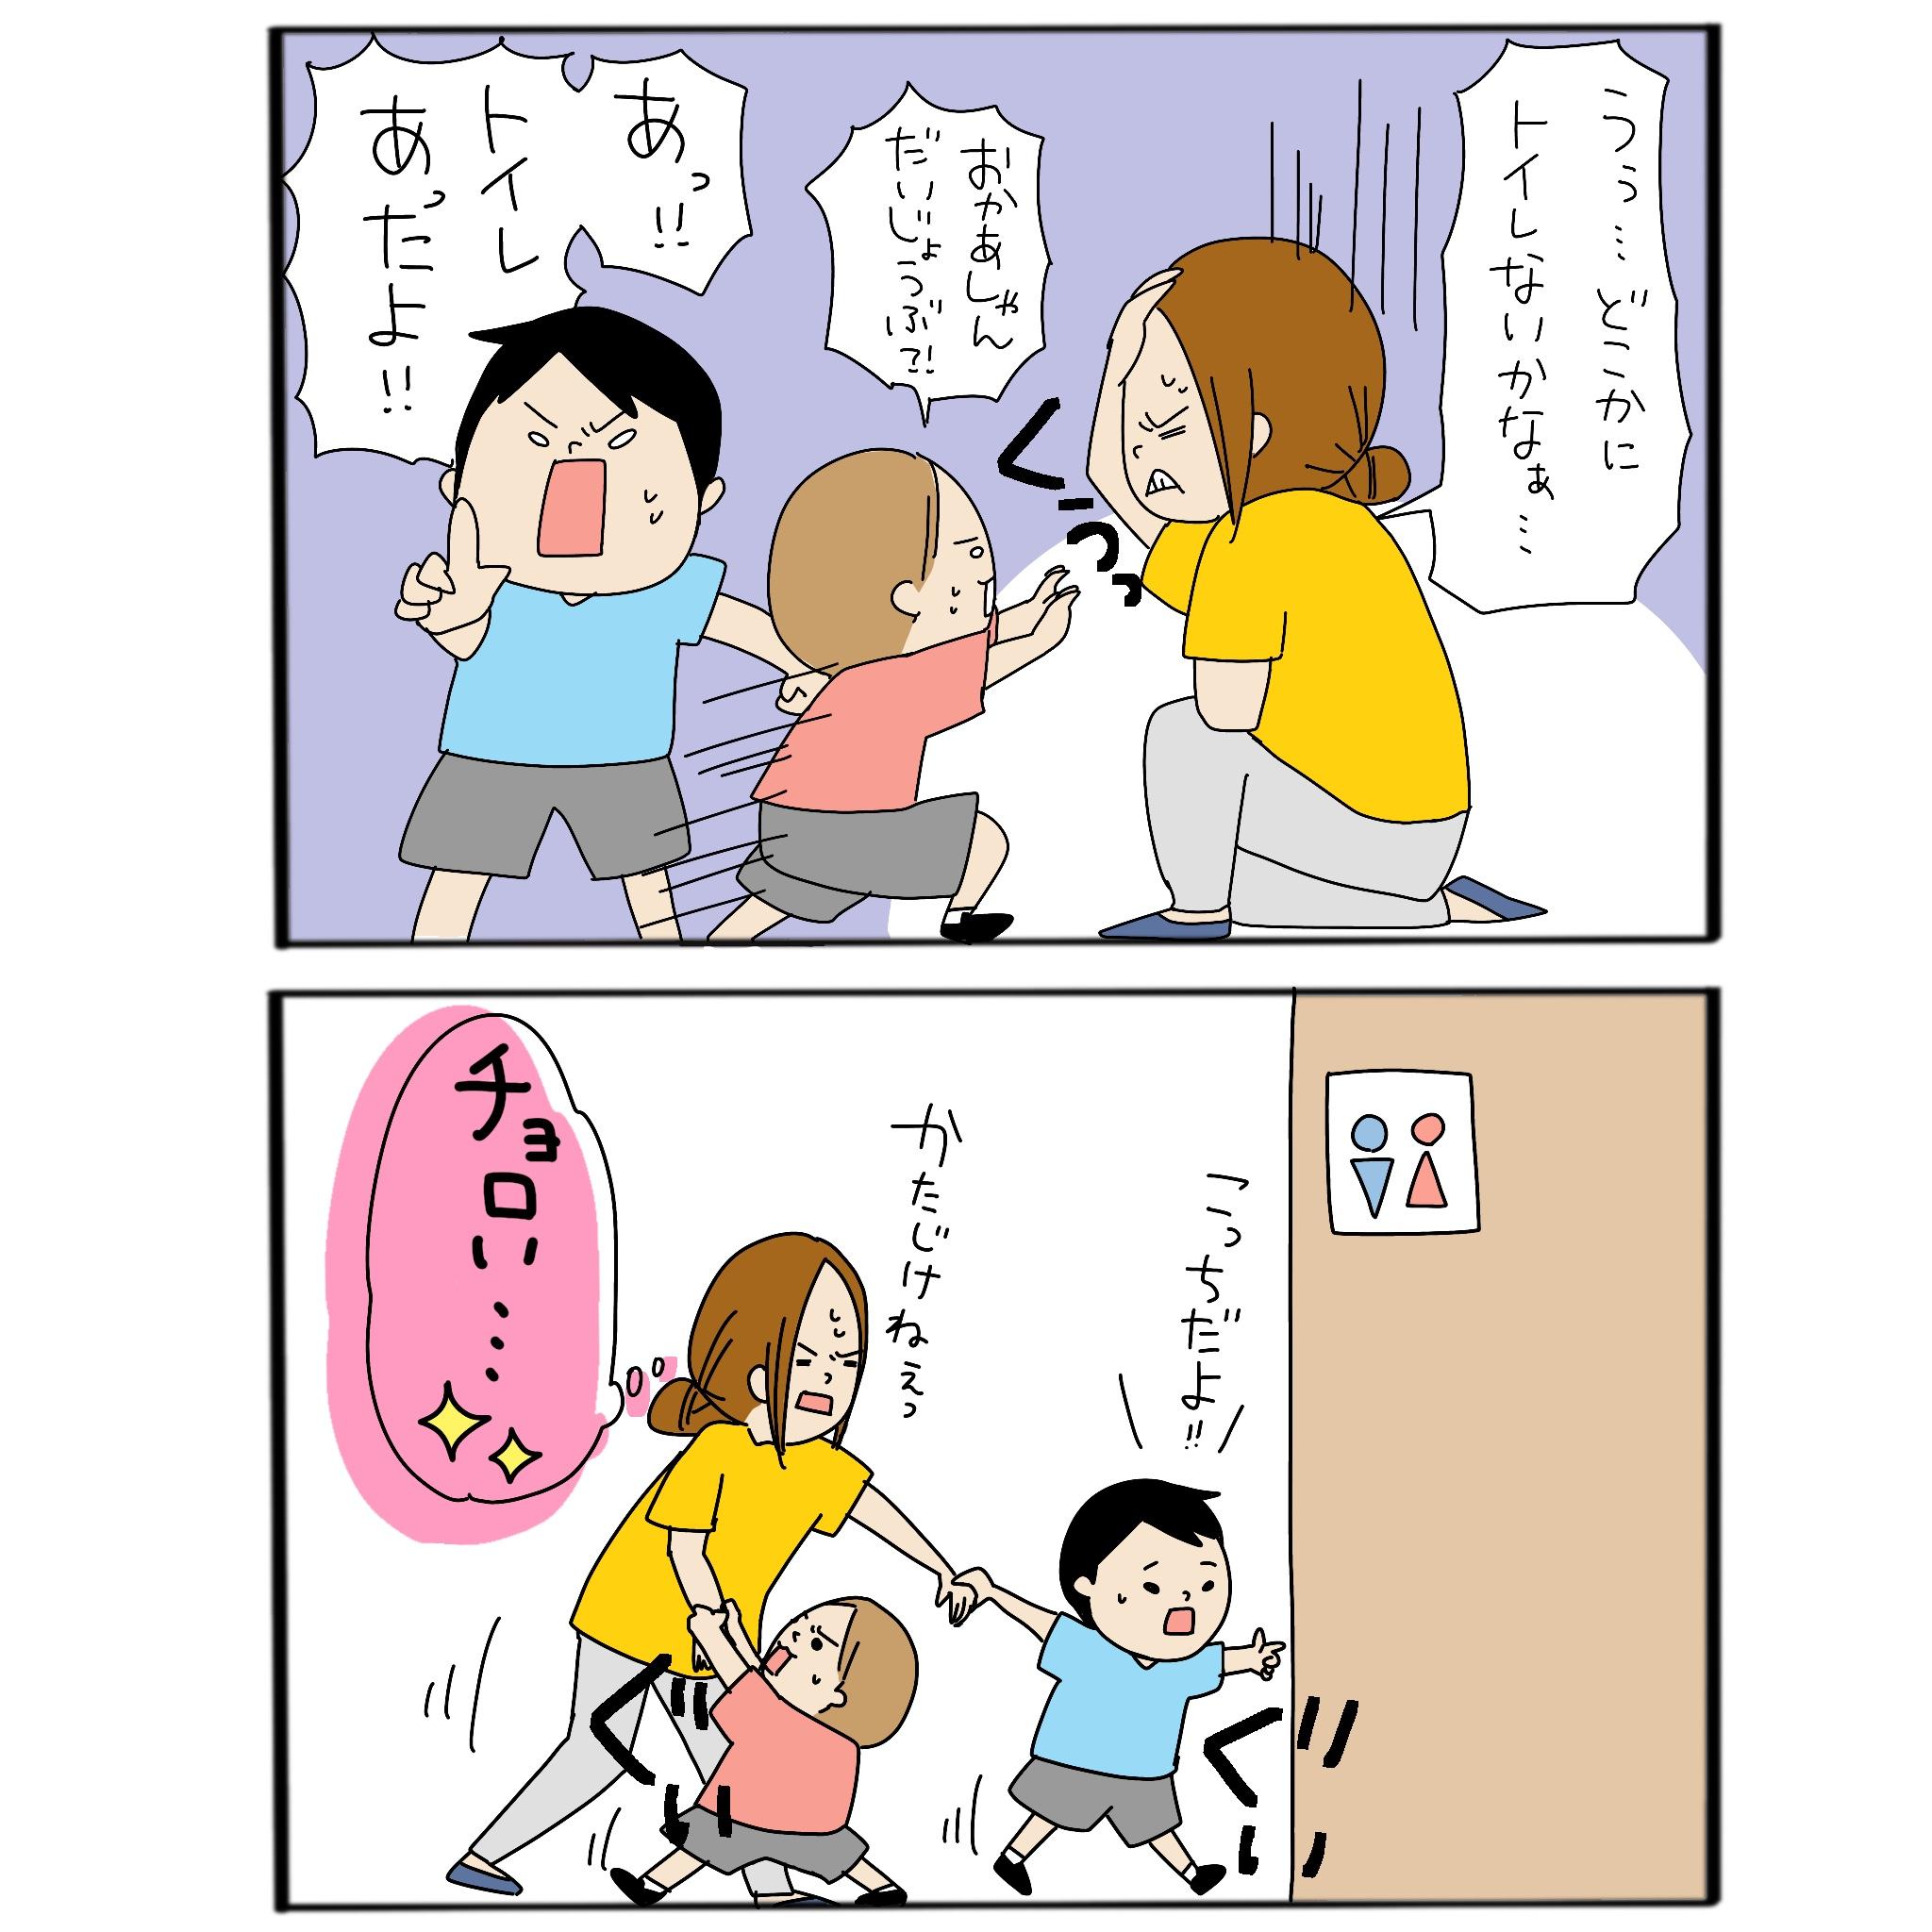 お願いだから今行って…! おでかけ中に有効だった、子どもをトイレへ誘うコツ【うちのアホかわ男子たち 第20話】